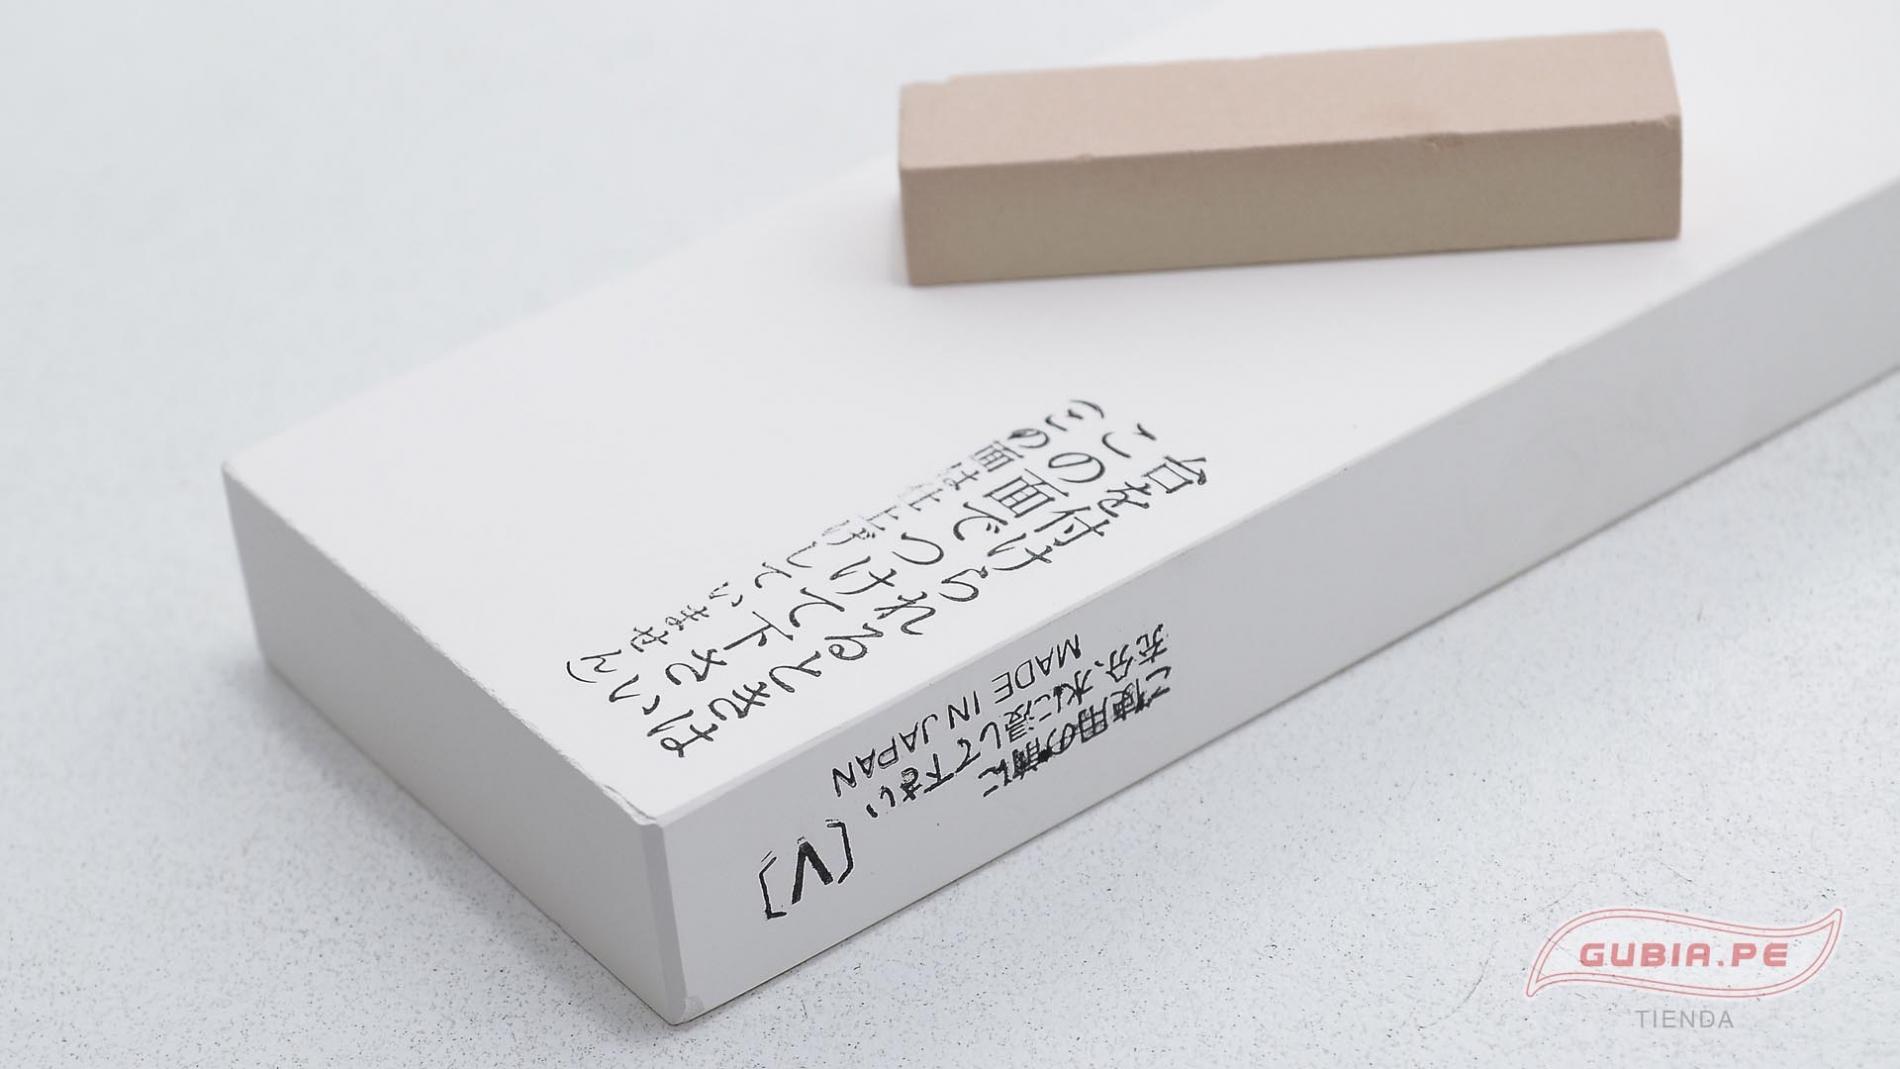 6000-35-Piedra de asentar 6000 Blanca Nieve 183x63x20mm Suehiro 6000-35-max-3.